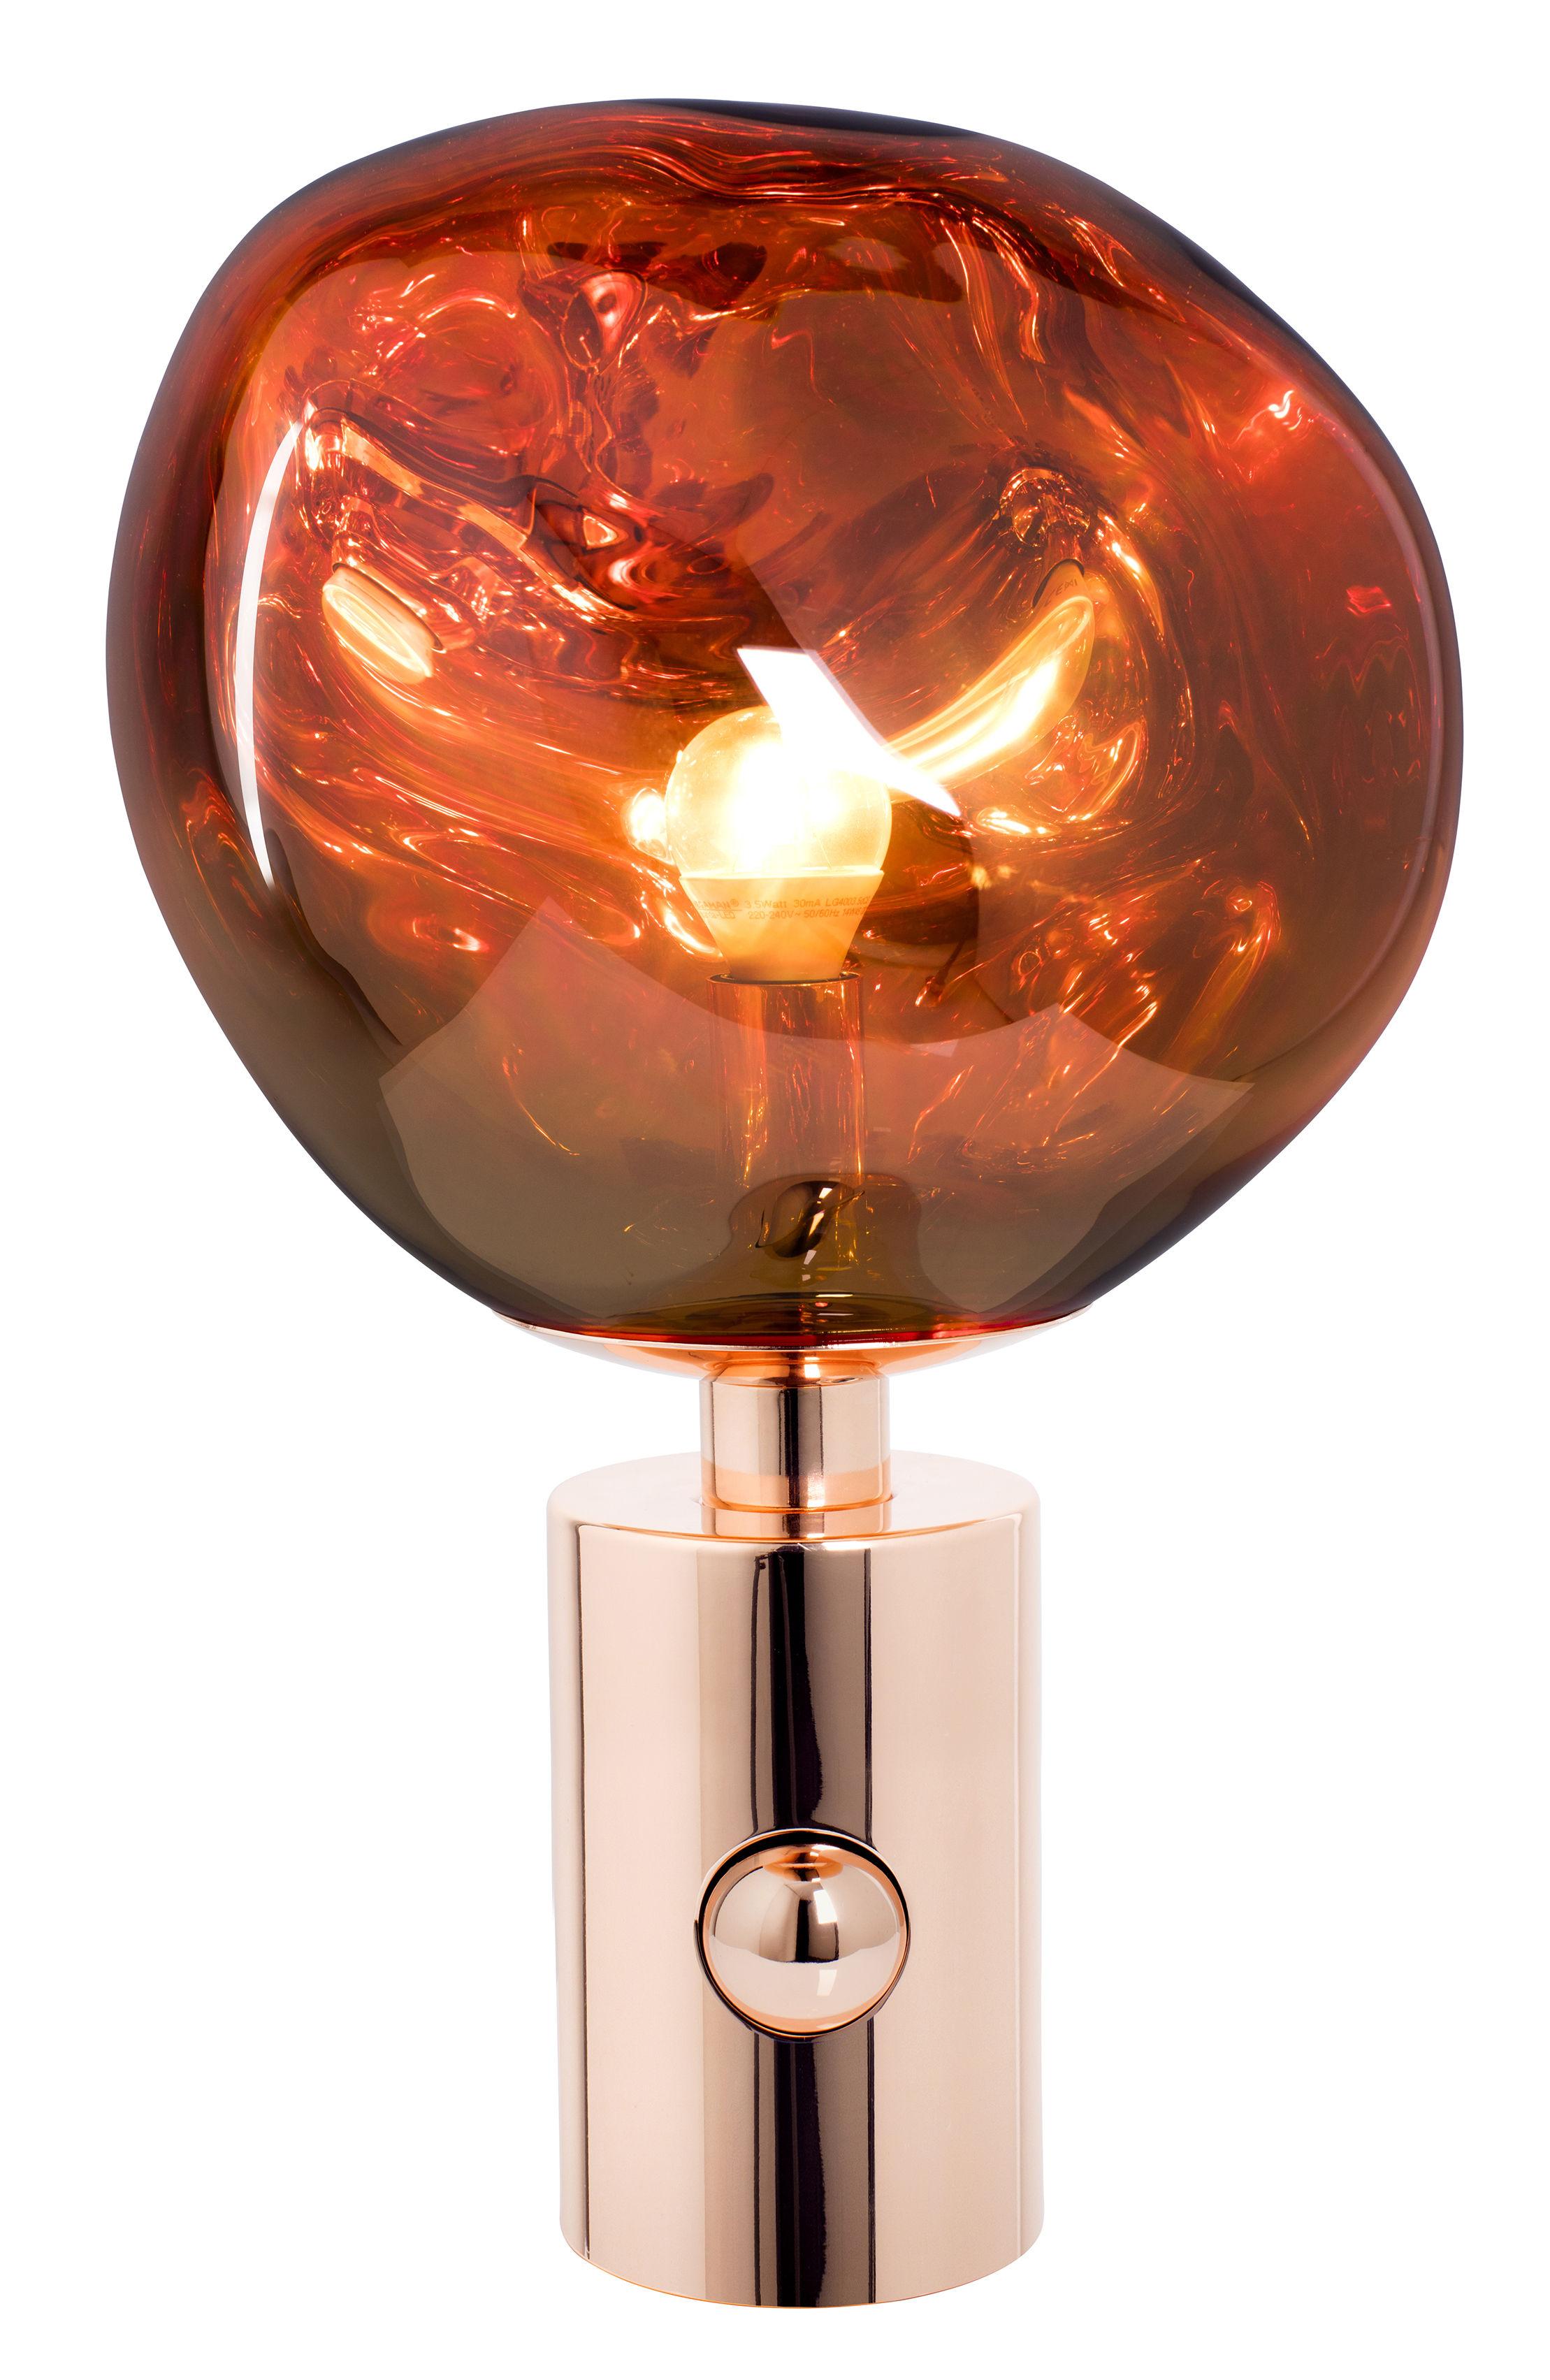 Illuminazione - Lampade da tavolo - Lampada da tavolo Melt / H 43 cm - Tom Dixon - Cuivre - Acciaio, policarbonato